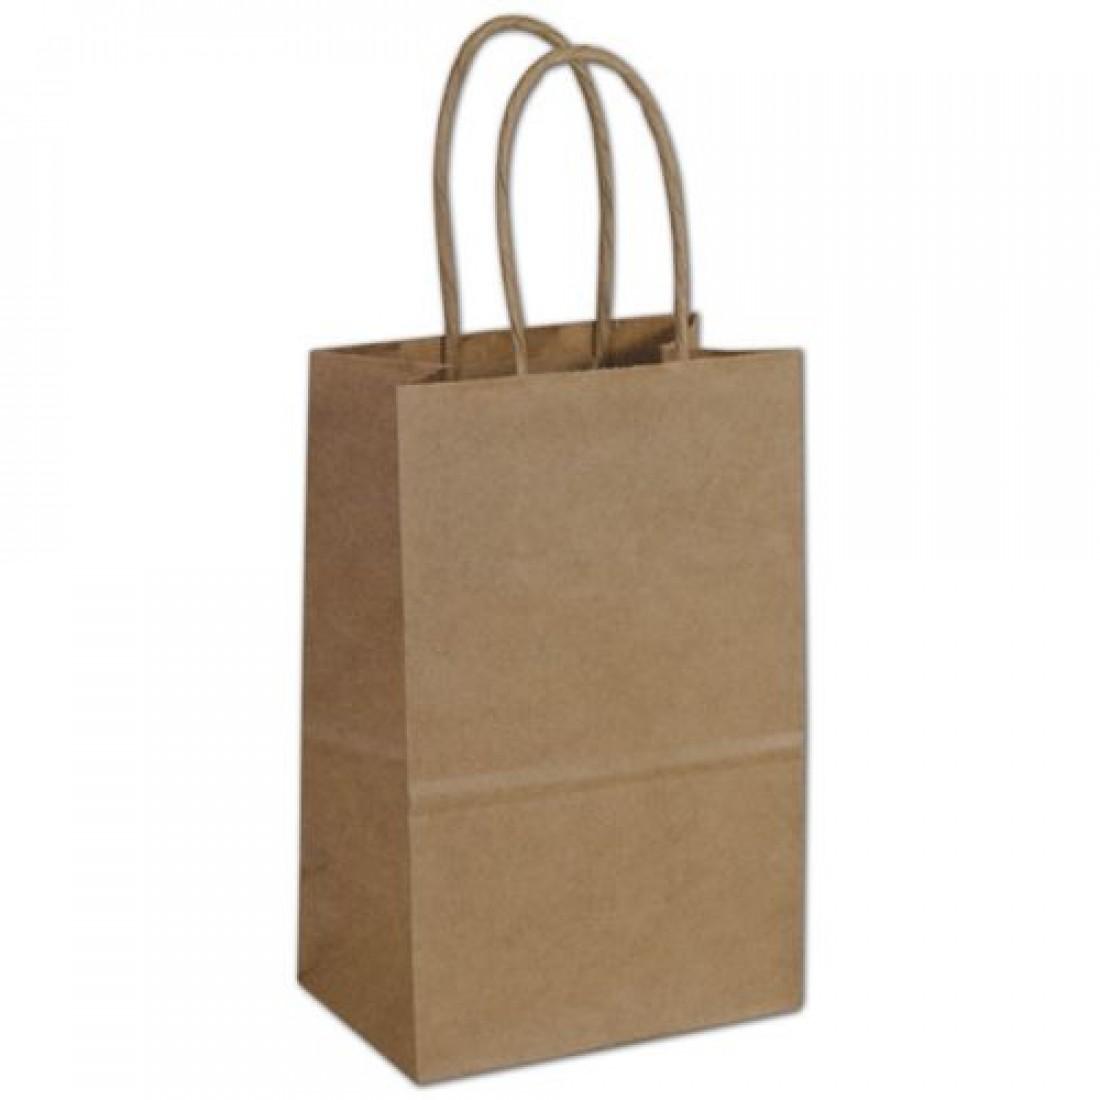 Kraft Papr Bag 5.25x3.5x8.25